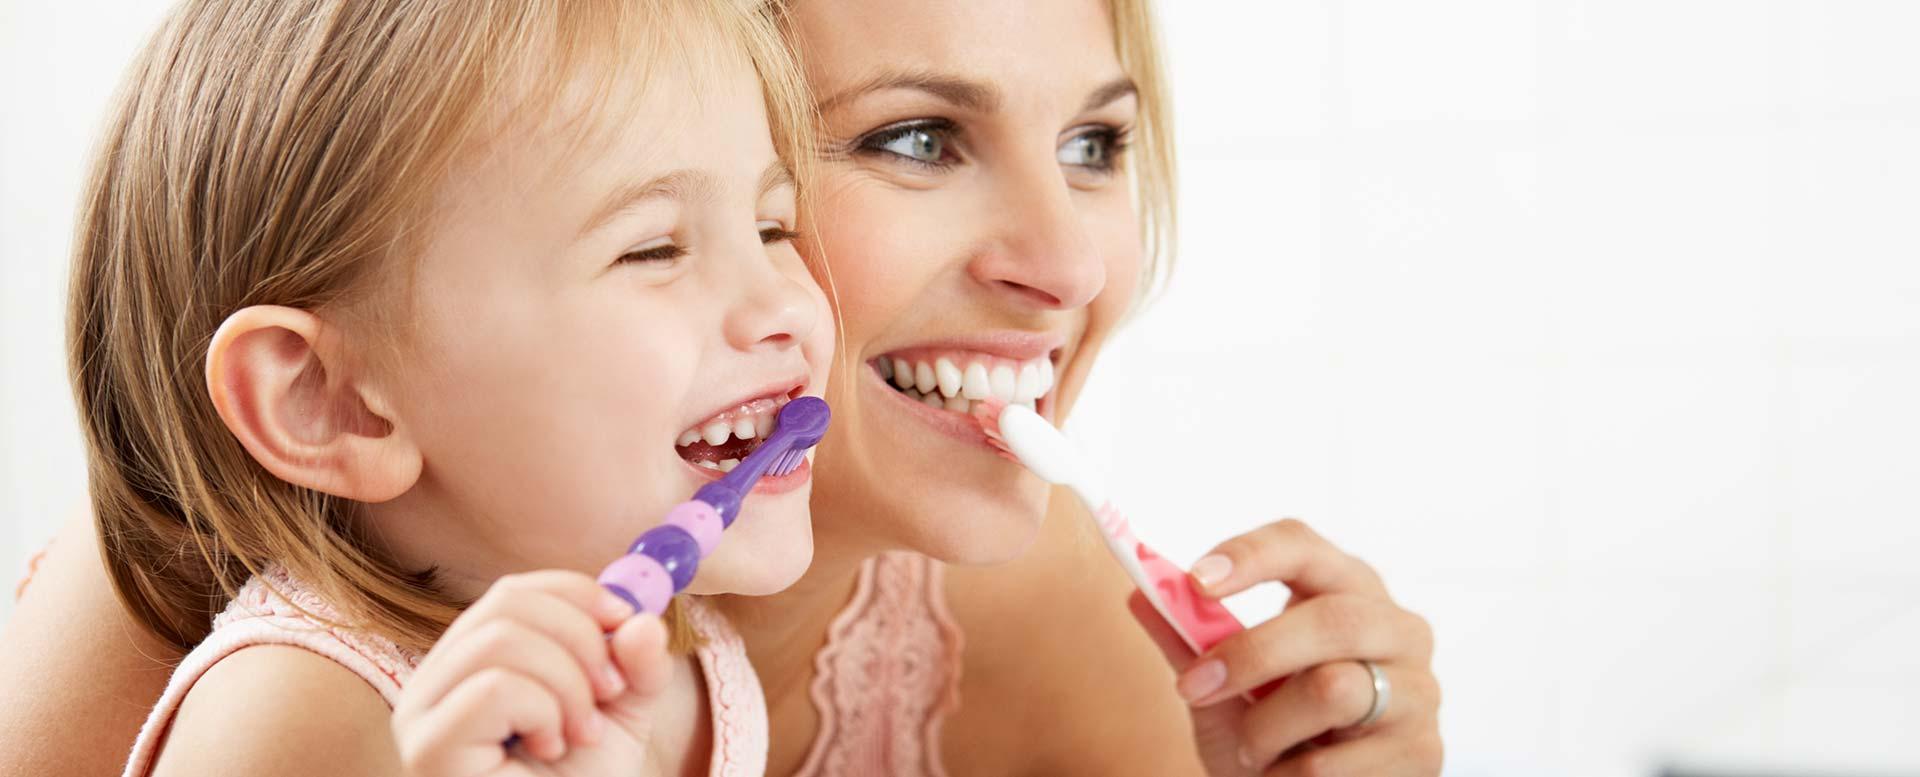 Angst vorm Zahnarzt – was tun?